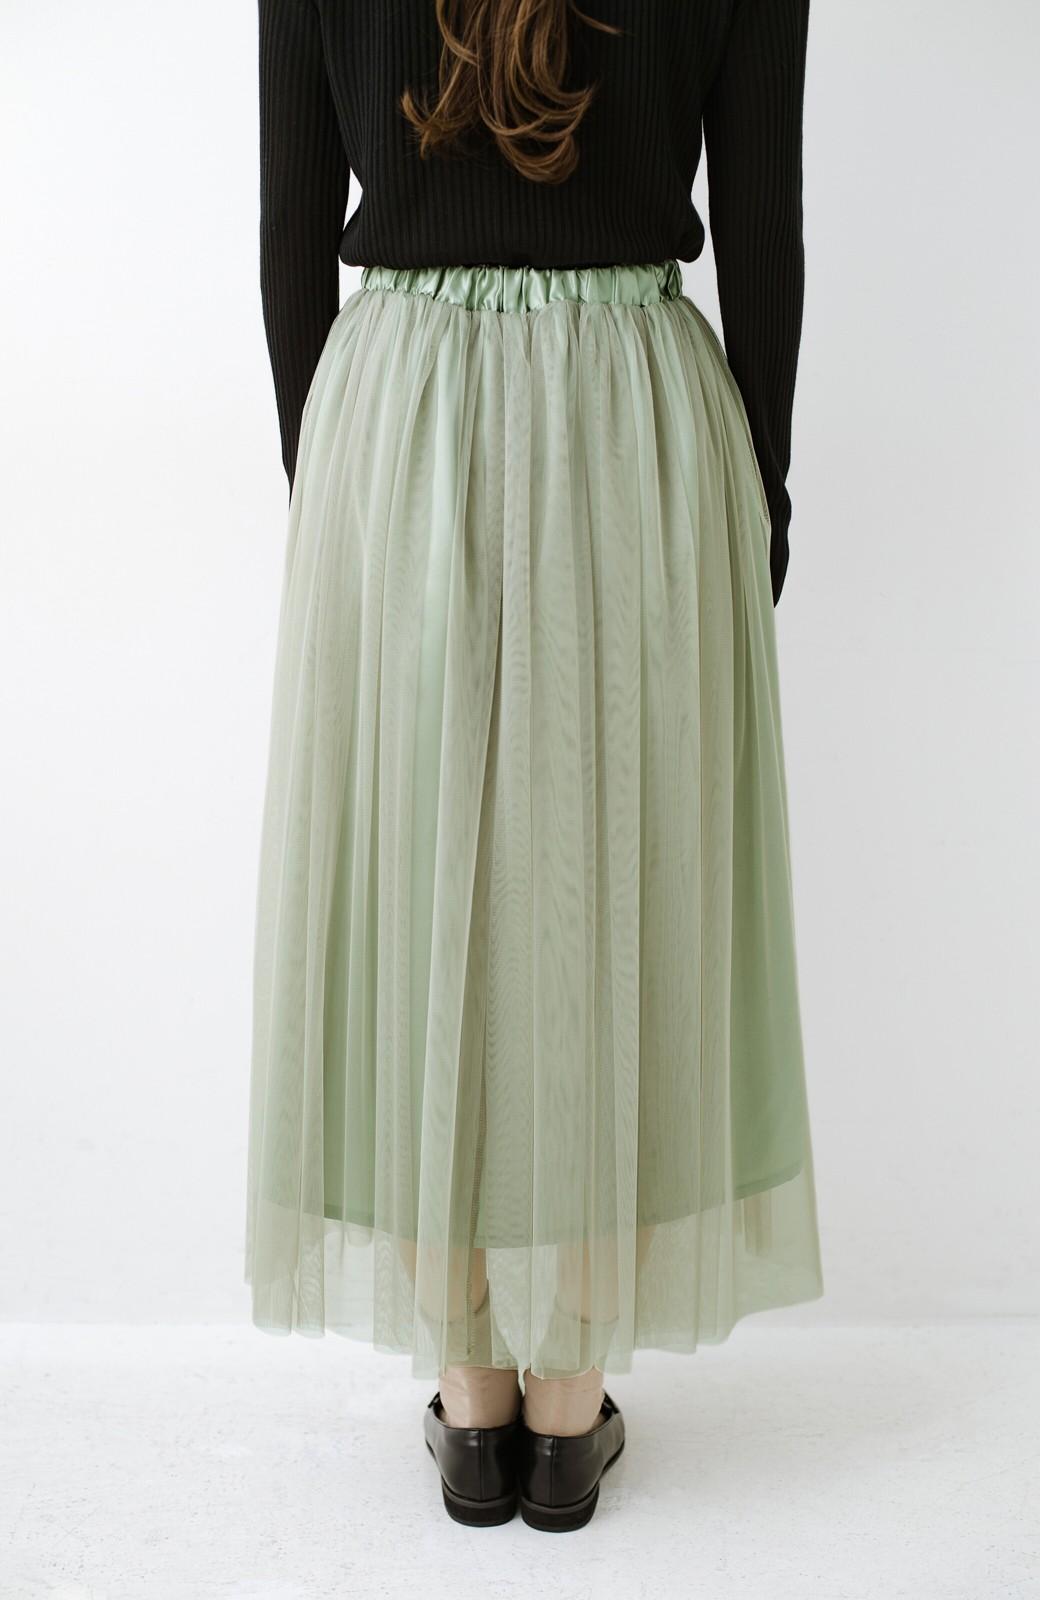 haco! 着るだけでルンとした気分になる! 長ーーい季節着られてずっと使えるオトナのためのチュールスカート <グリーン>の商品写真11